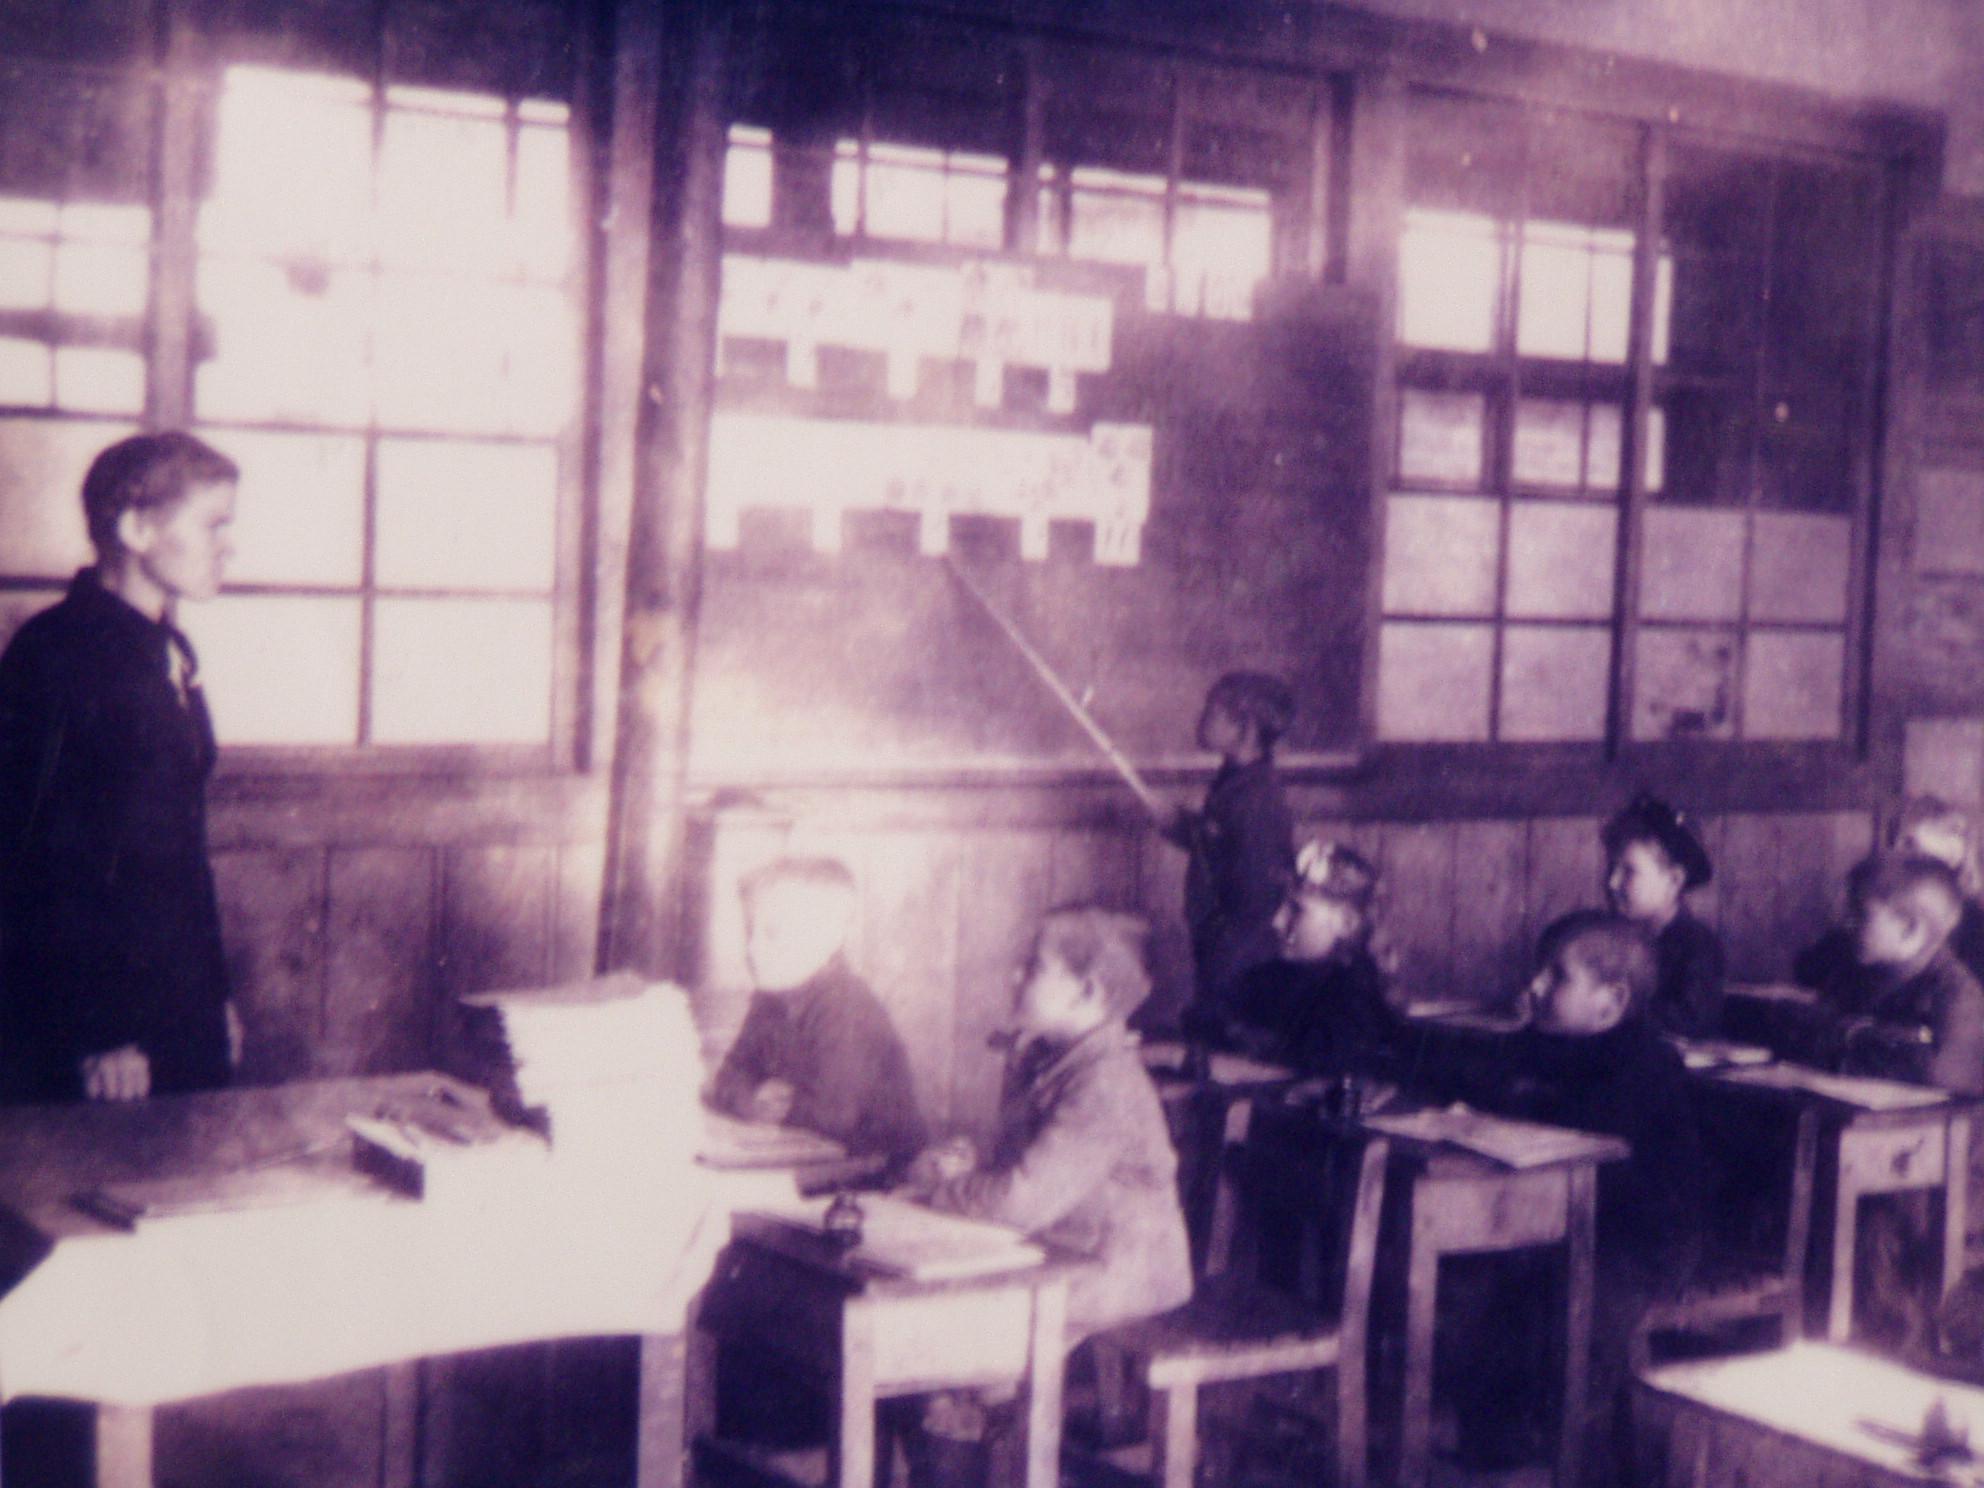 Класс в японской школе п. Каваками. Классы в школе были просторными, светлыми, но очень холодными. В классных помещениях находились железные печки, которые постоянно нужно было протапливать.